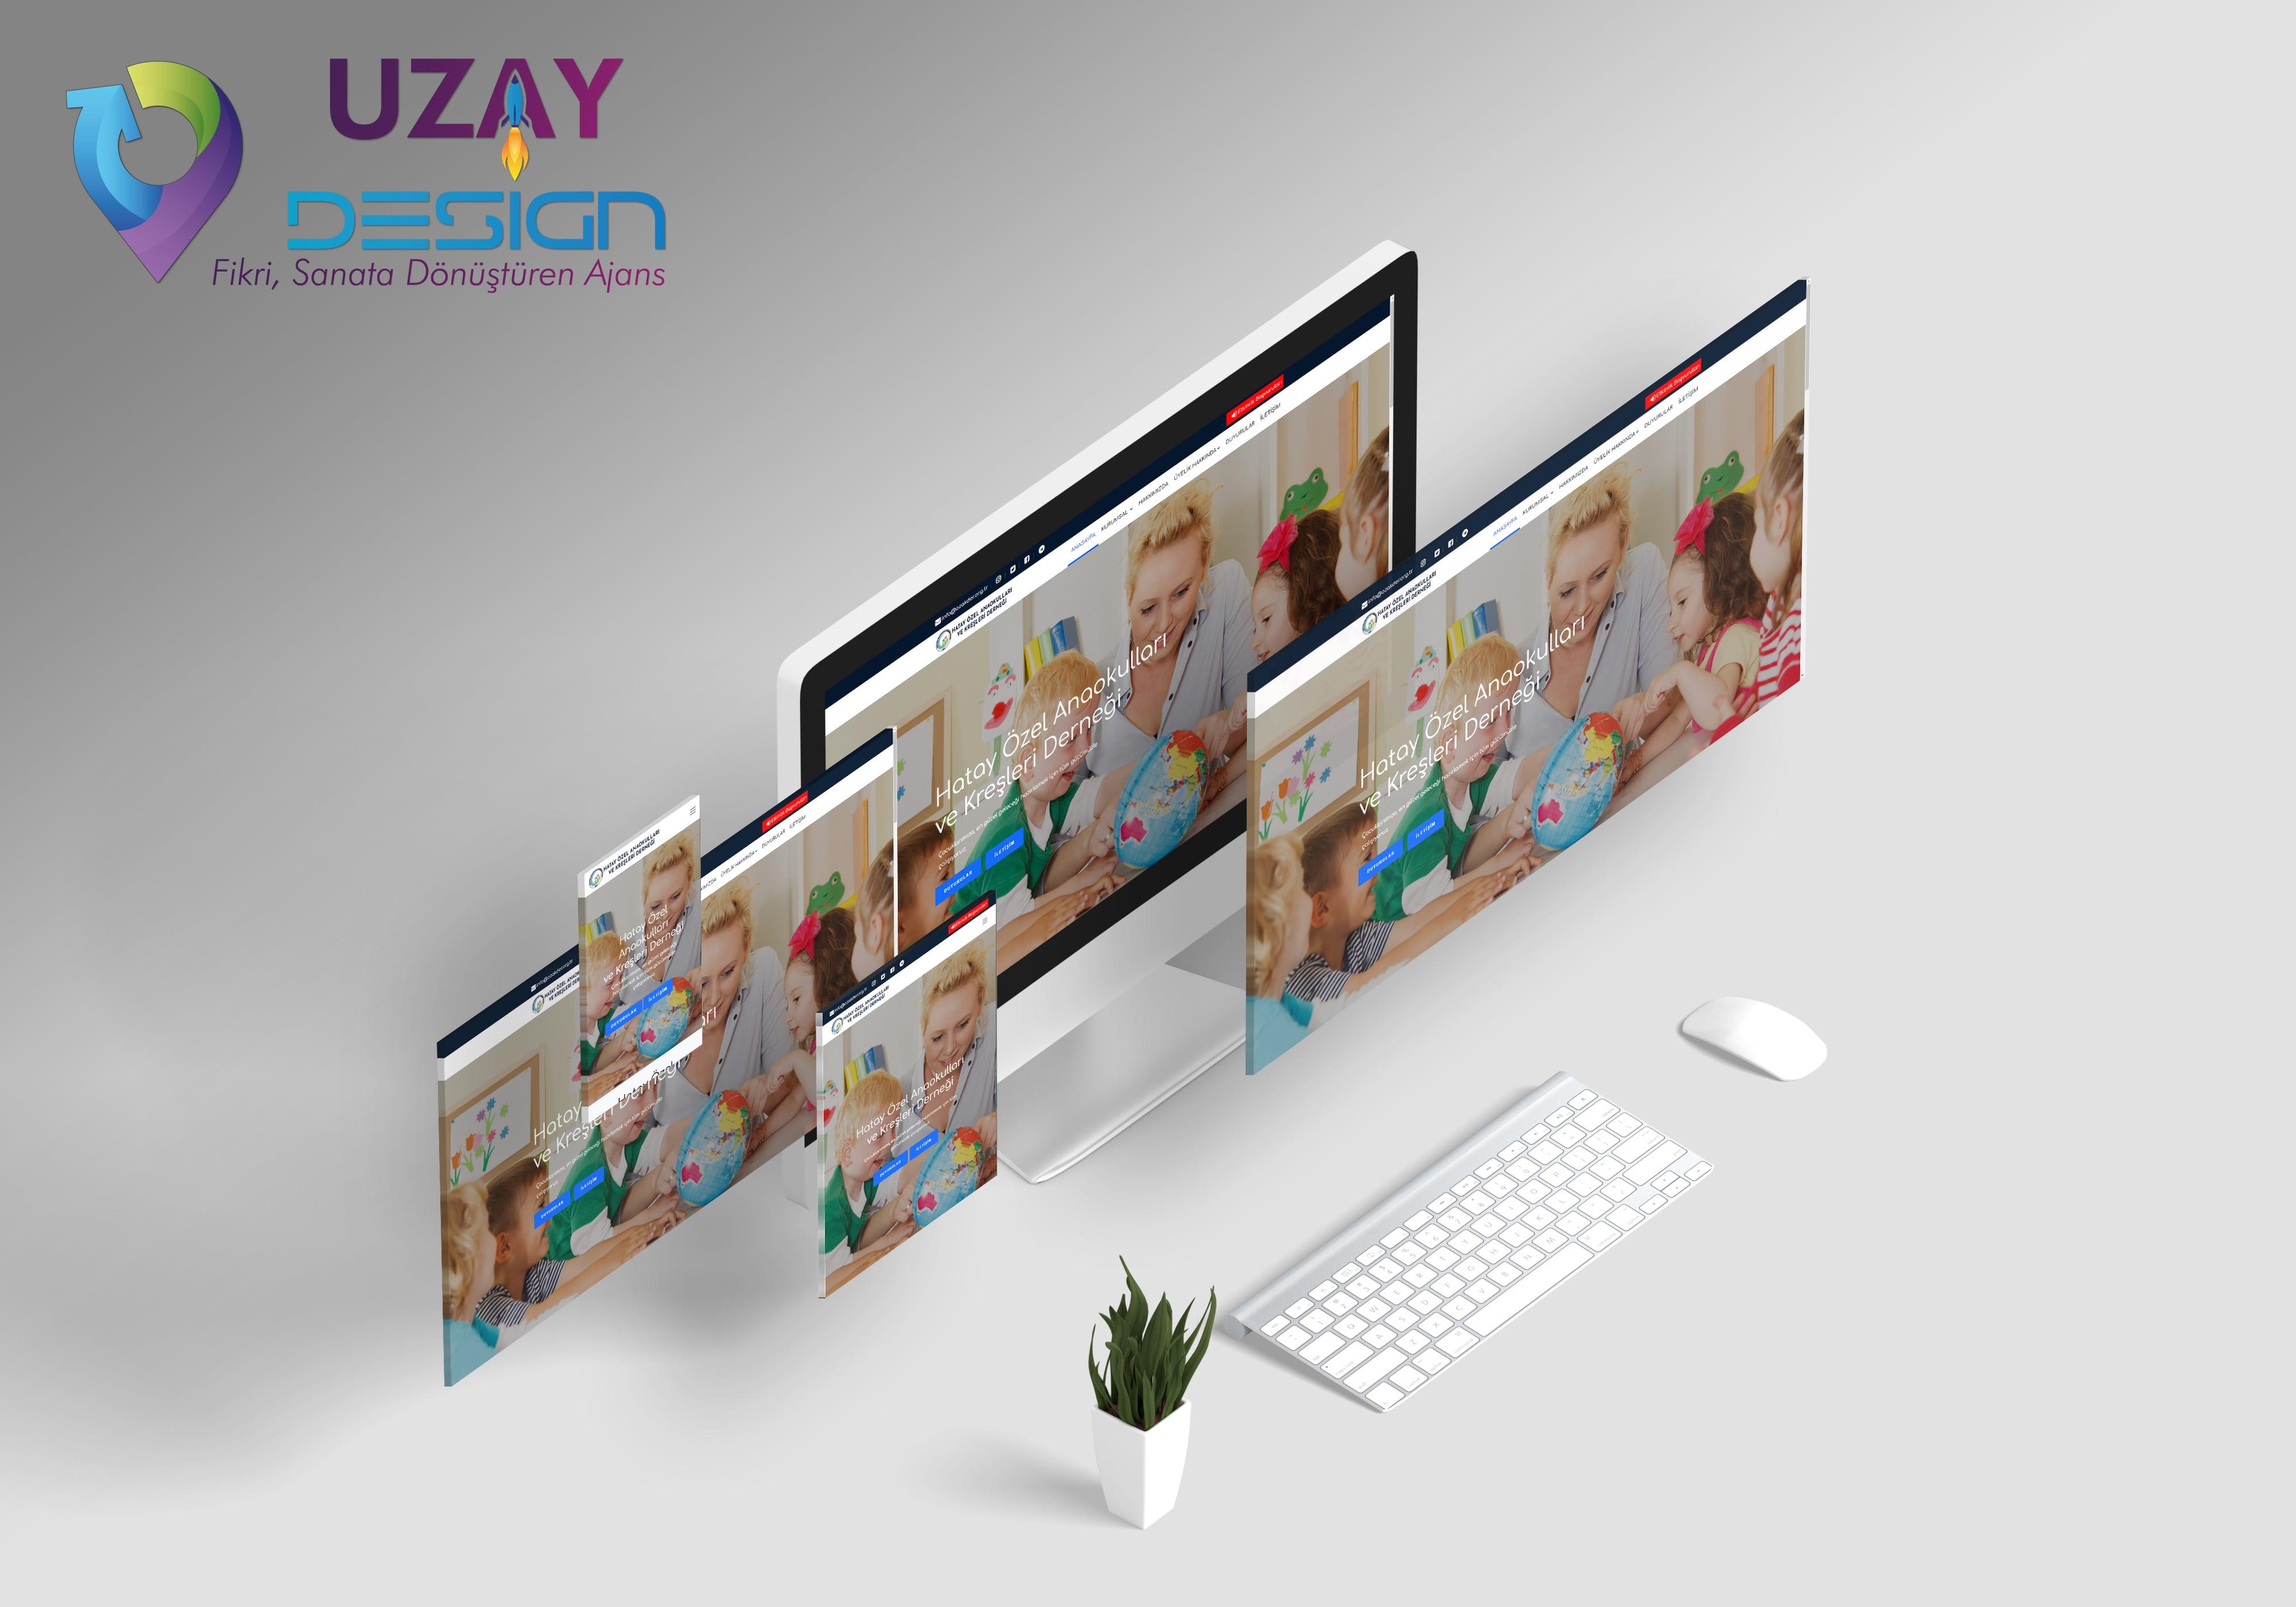 antalya web tasarım, web tasarım, web tasarım nedir, antalyada en iyi web tasarım, internet sitesi yaptırma, Hatay Özel Anaokulları ve Kreşleri Derneği, hatay ozakder, hatay hatokder, hatokder, dernek tasarımları